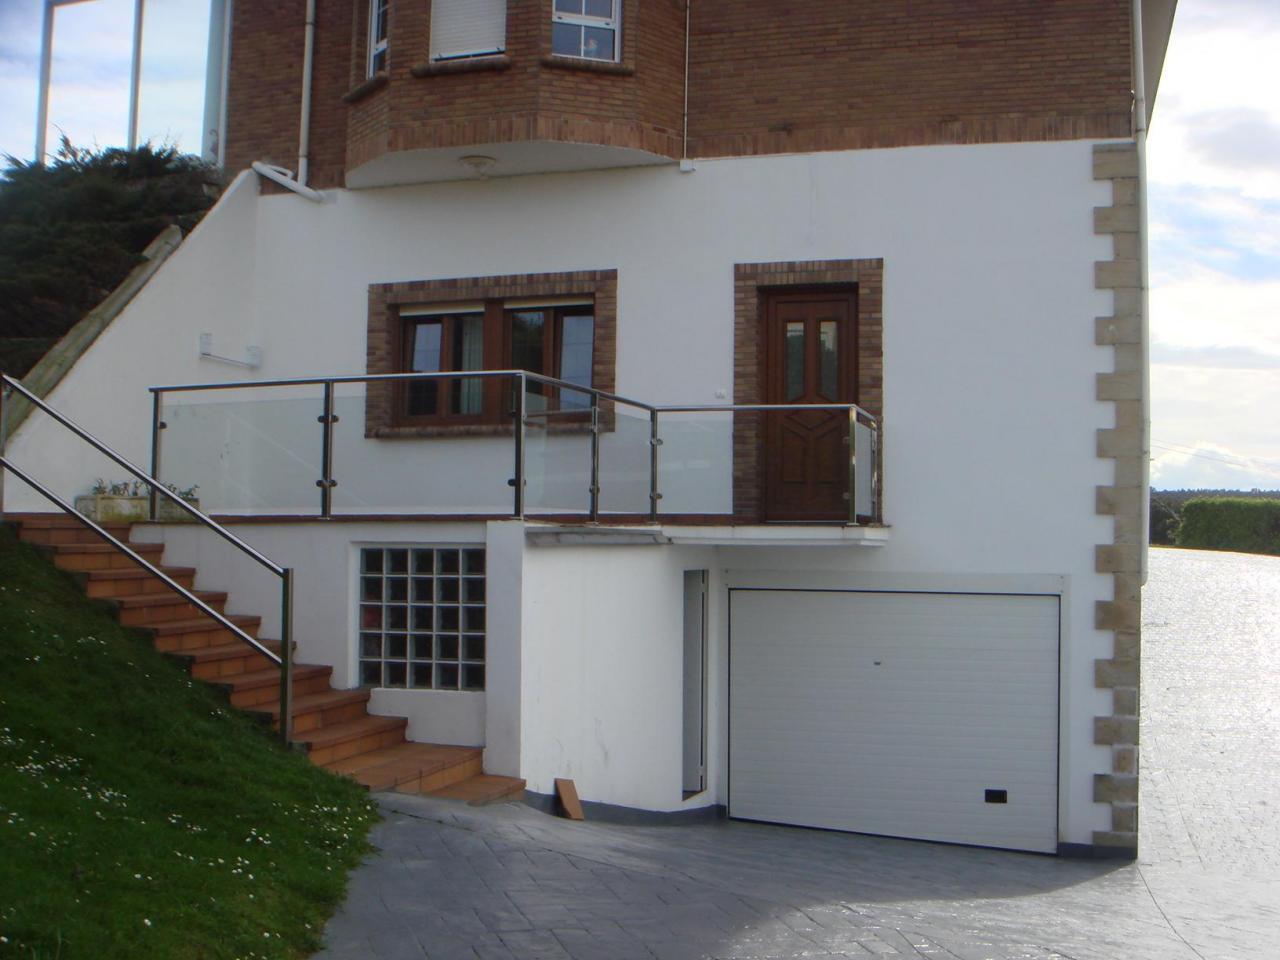 Alquiler de apartamentos Mogro, Cantabria